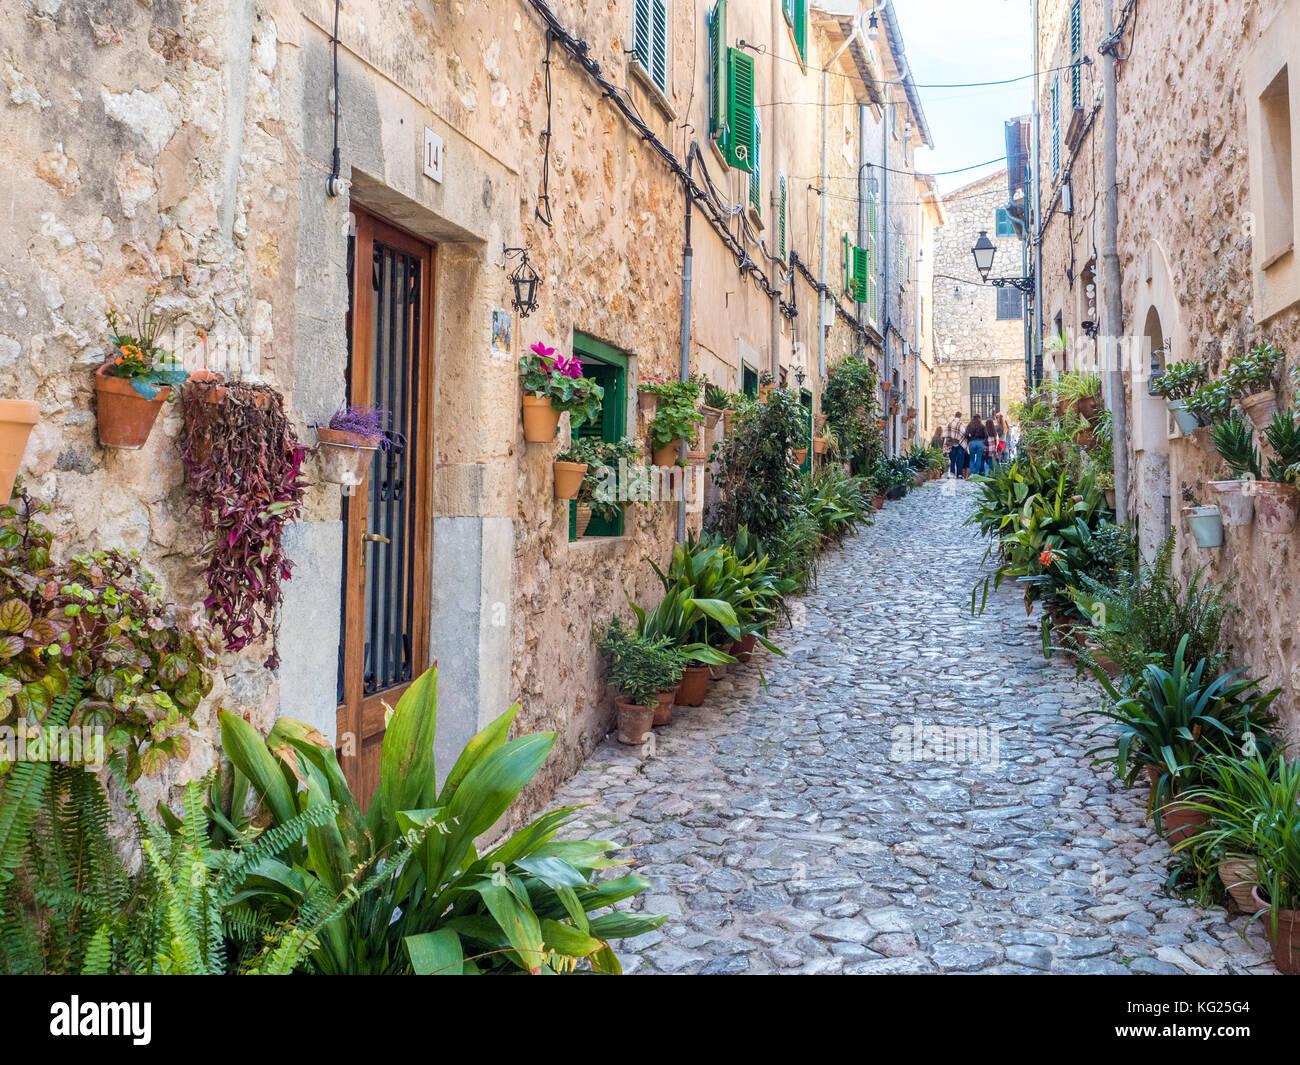 Rue avec fleurs, Canyamel, Majorque, Iles Baléares, Espagne, Méditerranée, Europe Photo Stock